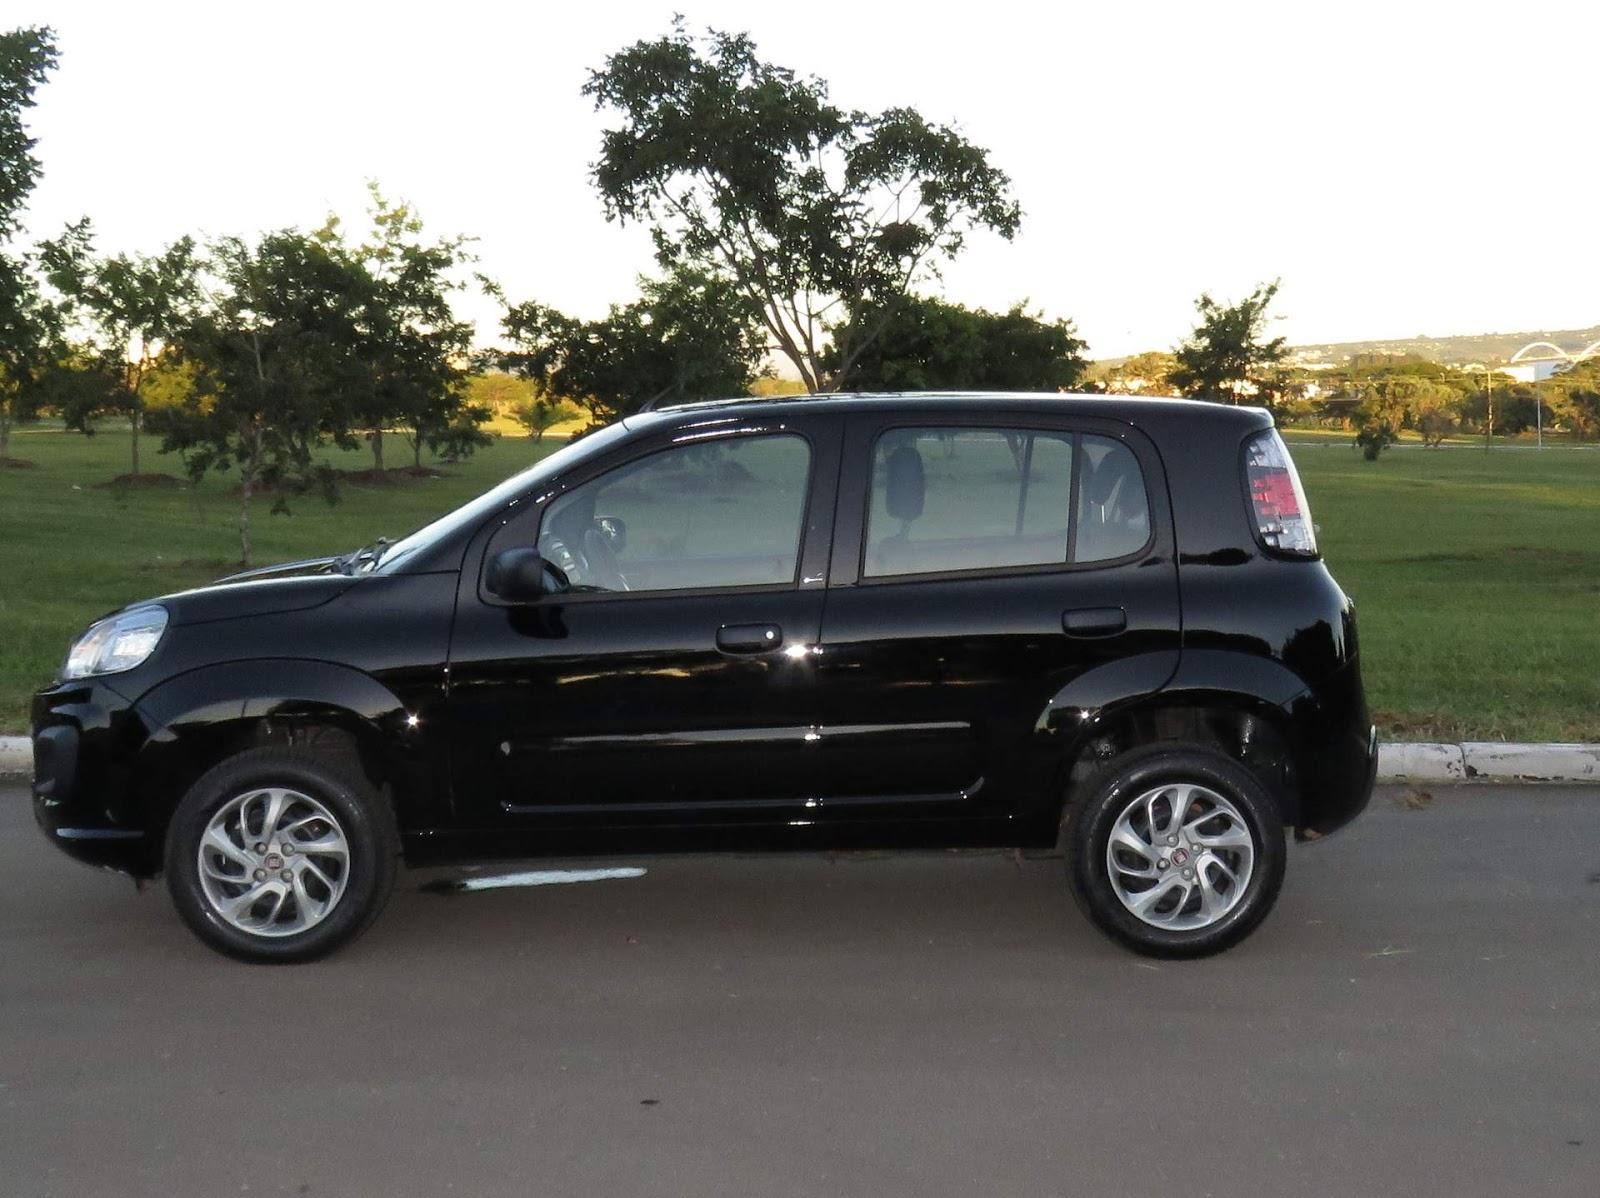 Fiat Uno: lateral sem modificações